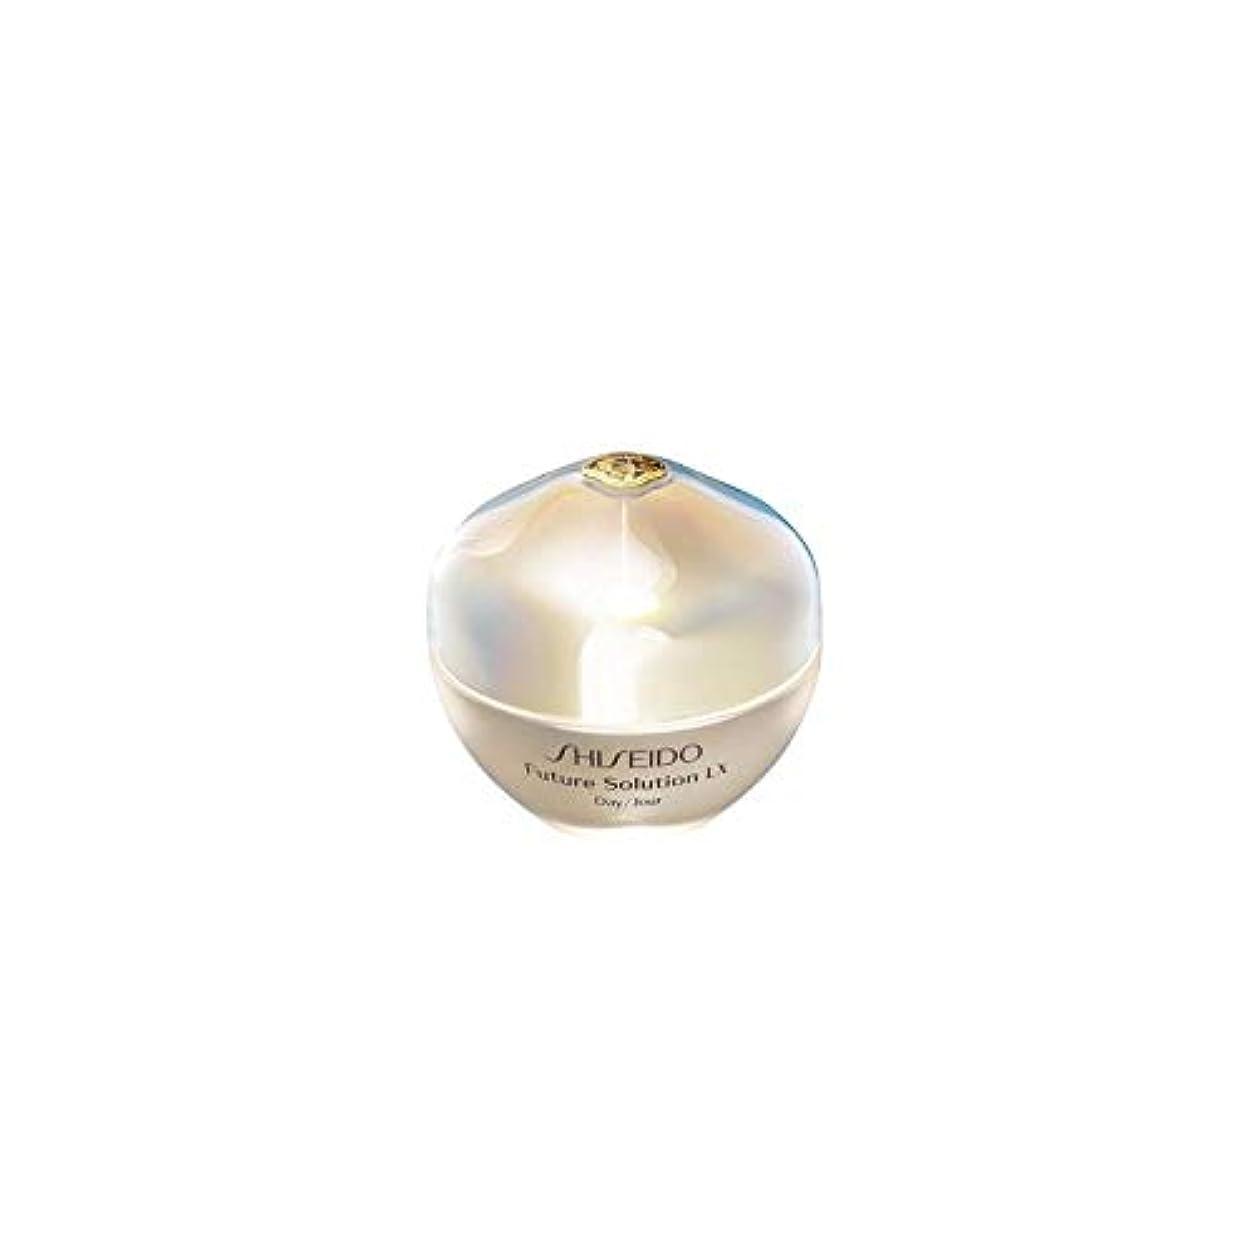 植生完全に乾く致命的[Shiseido] 資生堂Sfs Lx合計保護クリーム(50Ml)中 - Shiseido Sfs Lx Total Protective Cream (50ml) [並行輸入品]